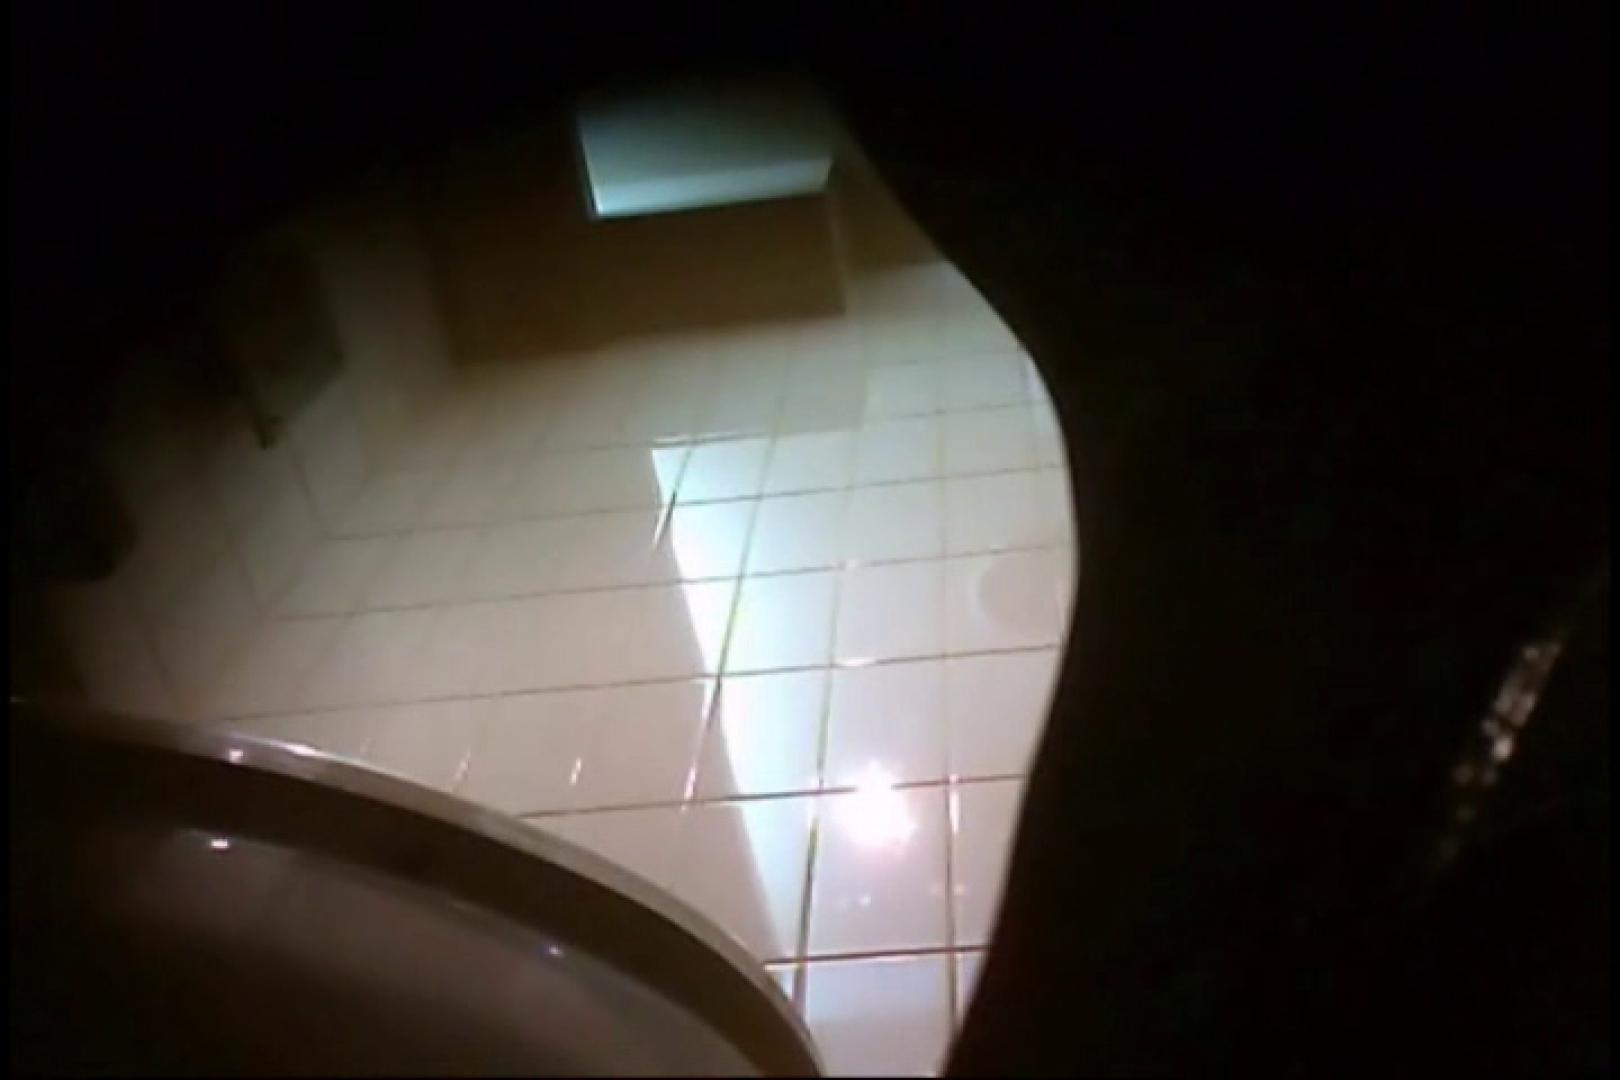 セックスアダルト動画 投稿!大阪市在住 亀さん厠15 のぞき本舗 中村屋